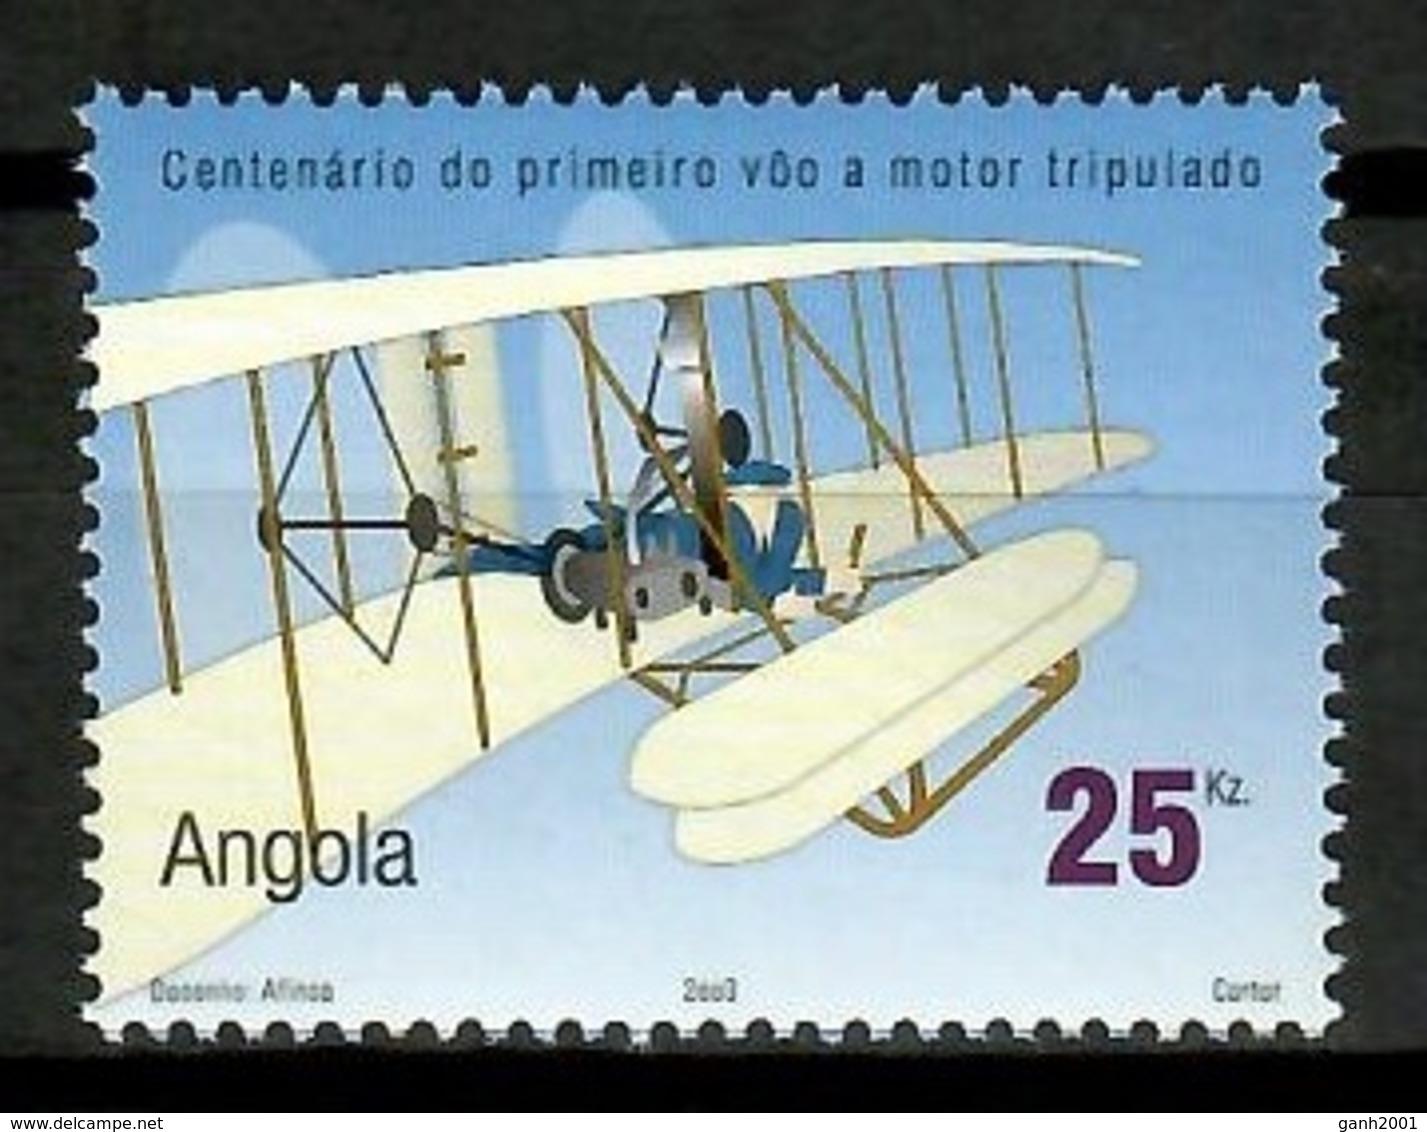 Angola 2003 / Aviation Airplanes MNH Aviacion Aviones Luftfahrt / Cu13603  18 - Avions